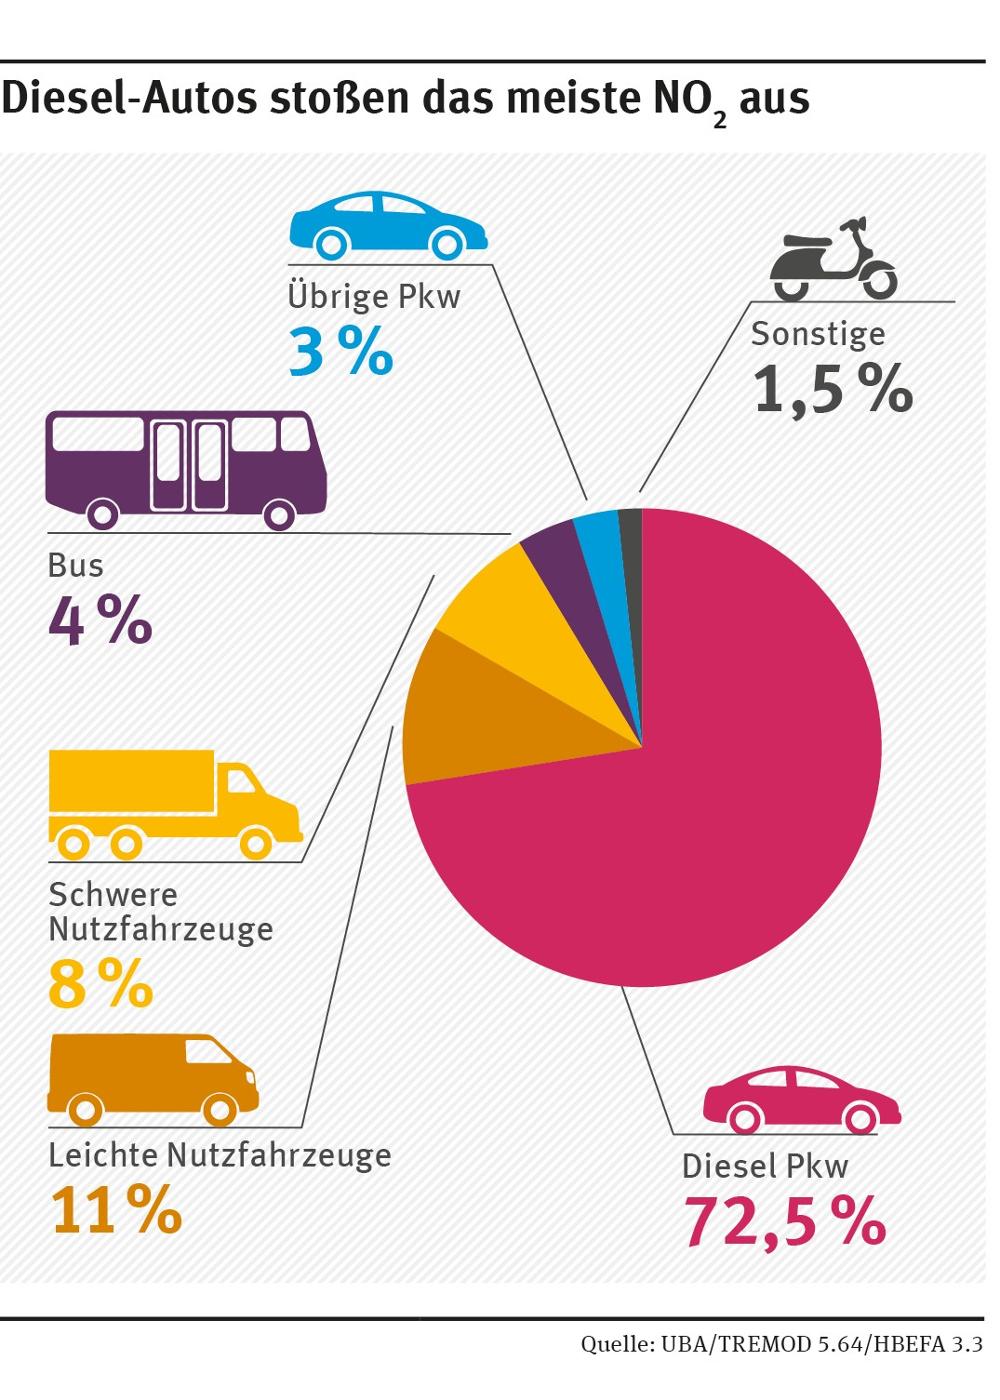 Ein buntes Kuchendiagramm zu den Anteilen der Verursacher von Stickstoff Emissionen